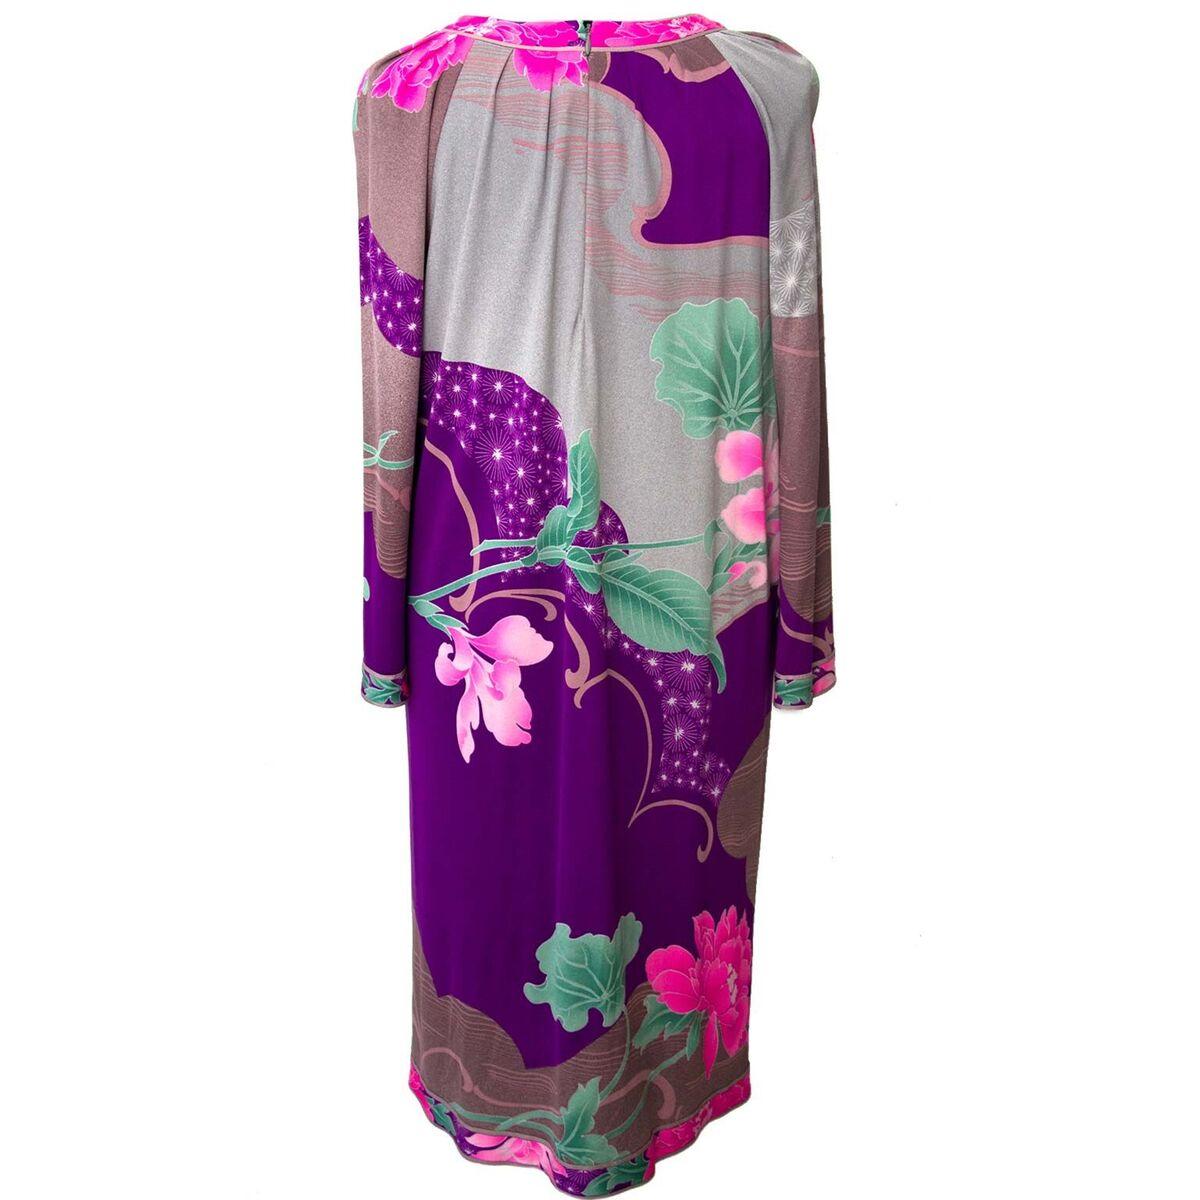 Koop authentieke tweedehands Leonard paars roze bloemen jurken aan een eerlijke prijs bij LabelLOV. Veilig online shoppen.